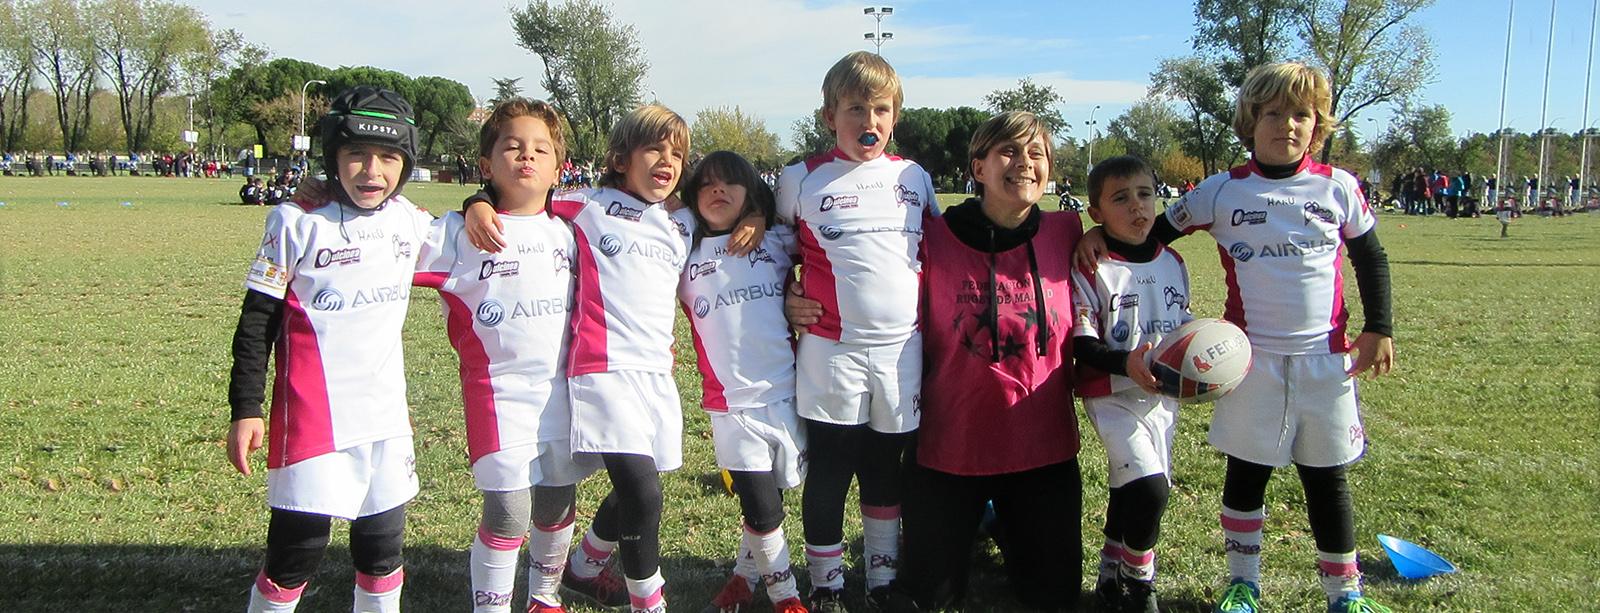 Los Quijotes M8 en las Jornadas del 16 de Noviembre (Reportaje Fotográfico)